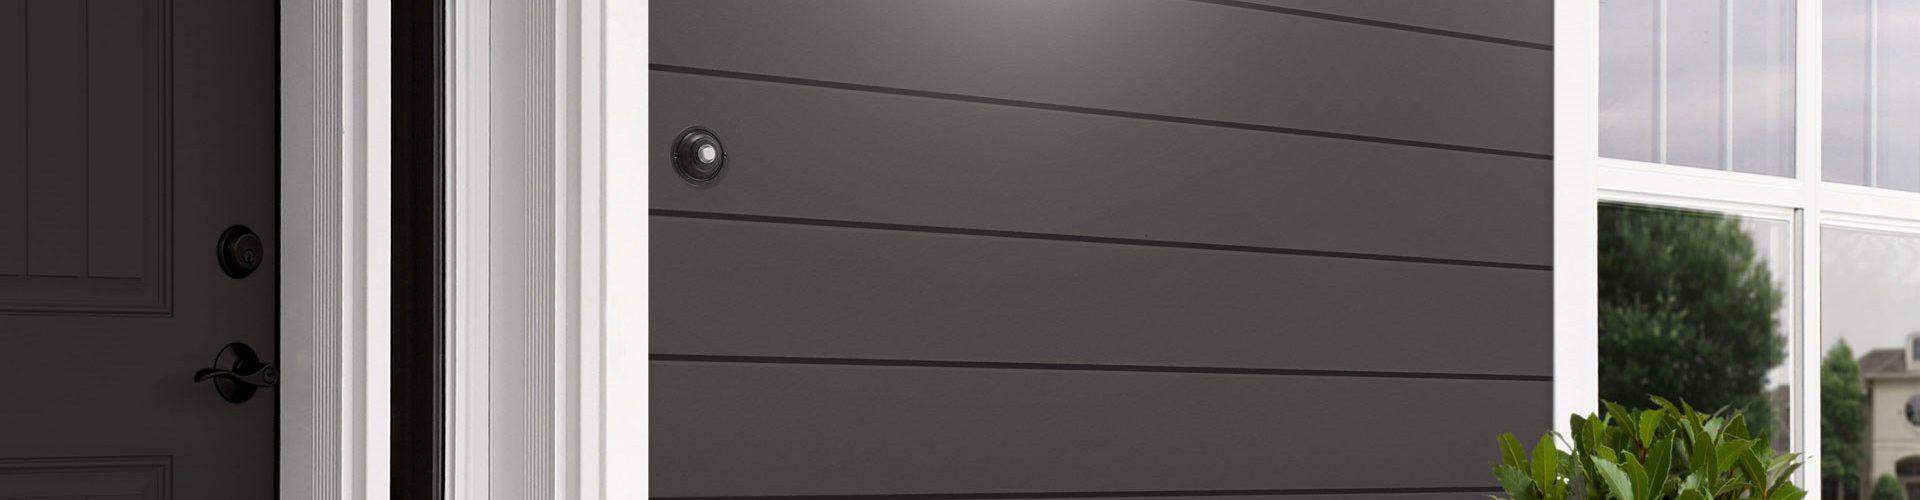 Cedral Click Smooth C04 Tume mets - fassaad - sile fassaadilaud - voodrilaud